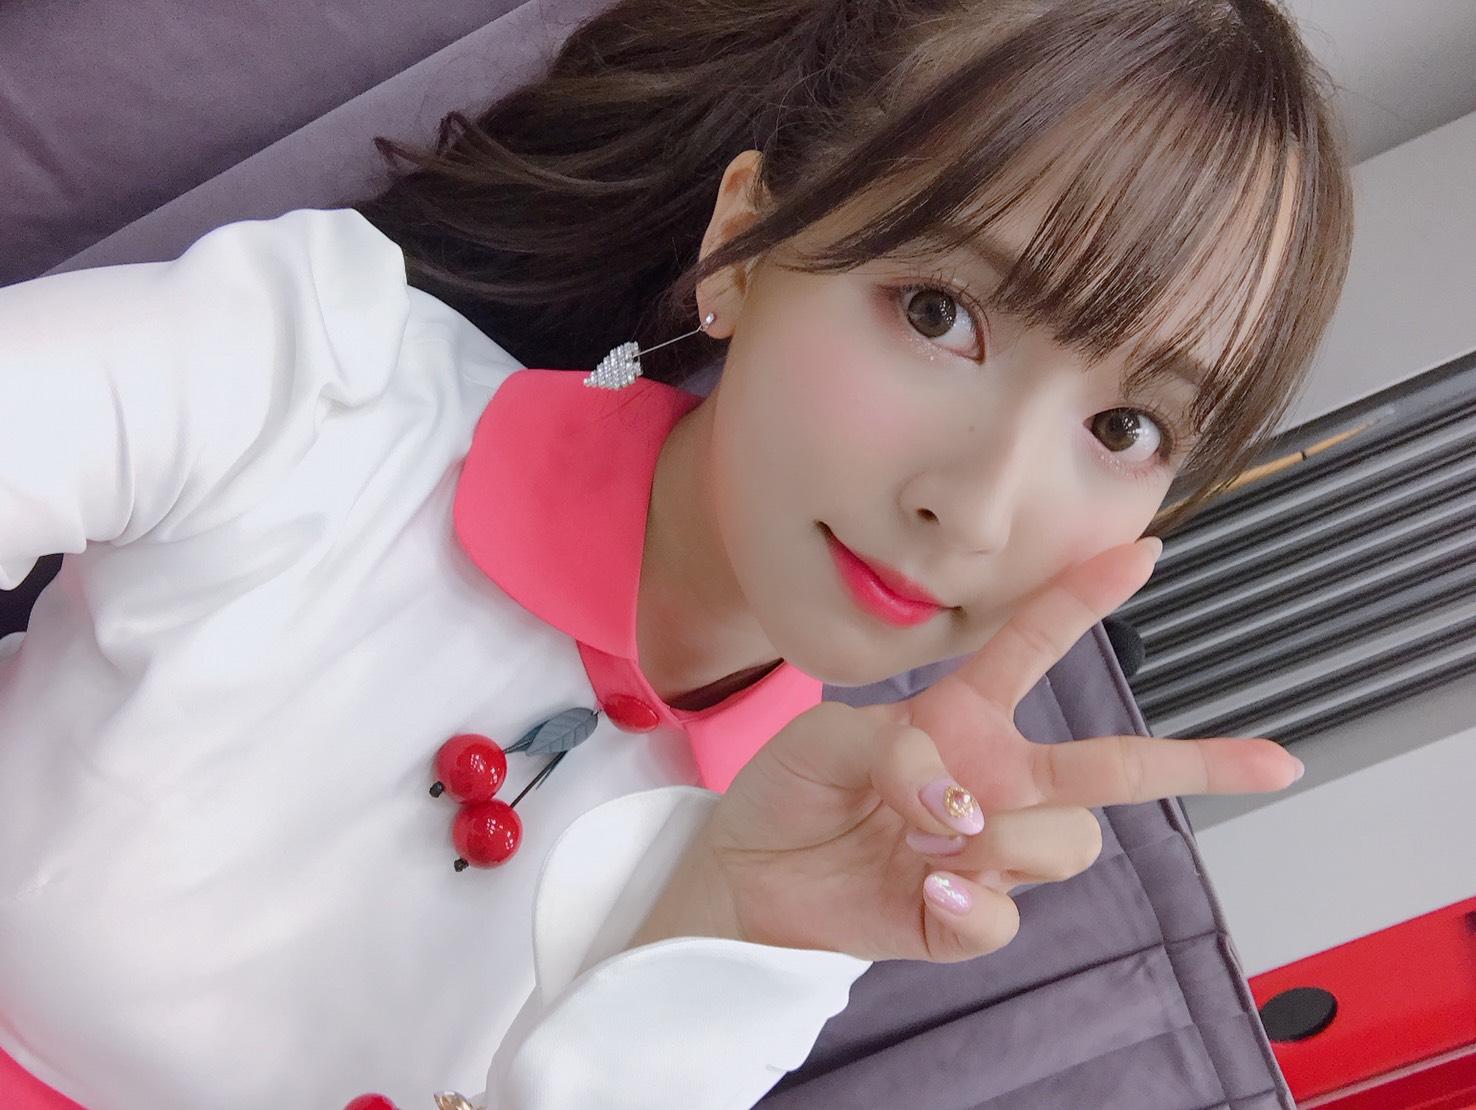 三上悠亜がアイドルから転身し人気を集めブレイクしたのは何?